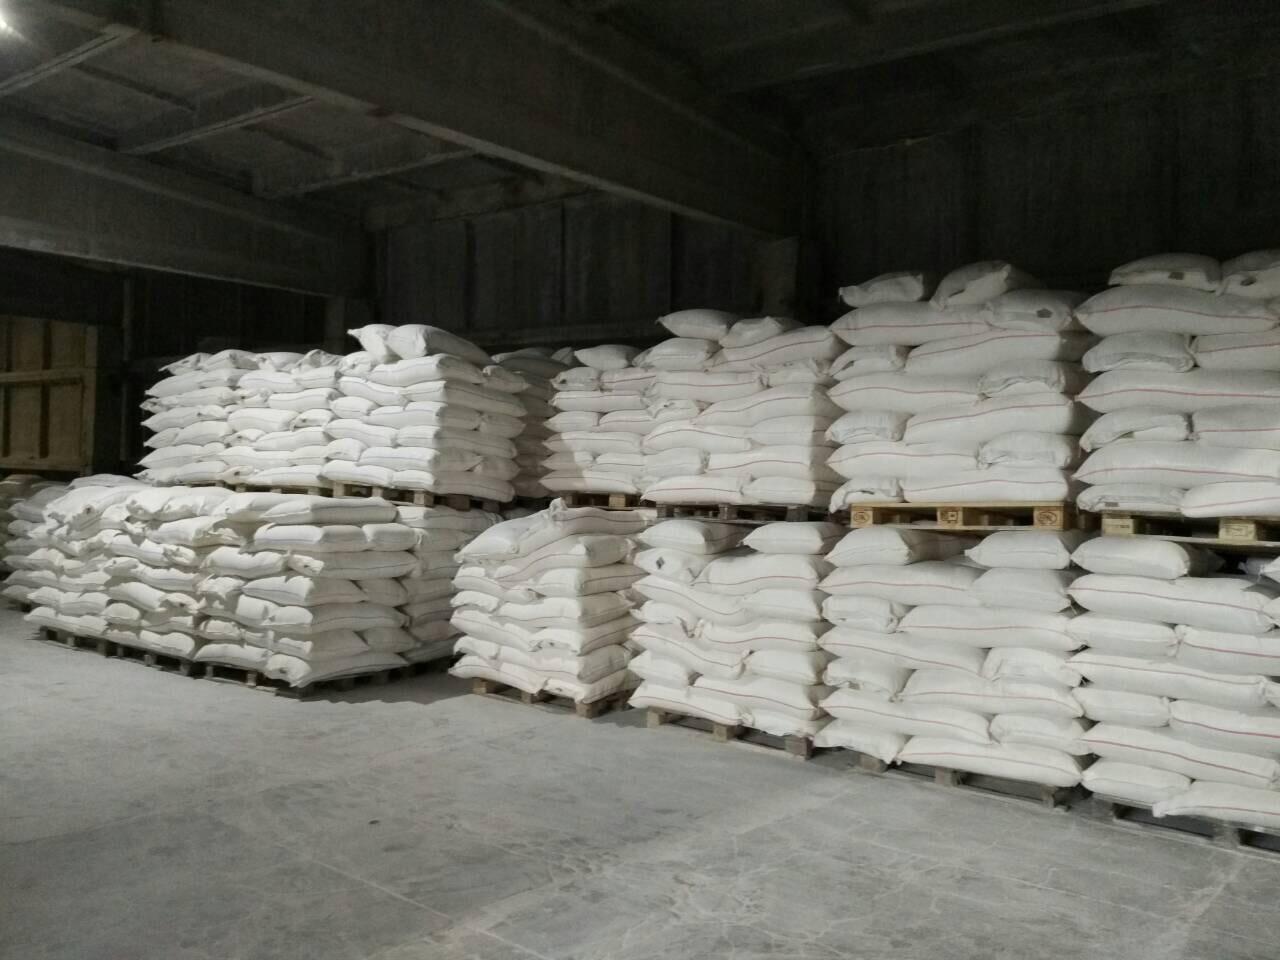 Казахстан намерен увеличить экспорт переработанной сельхозпродукции